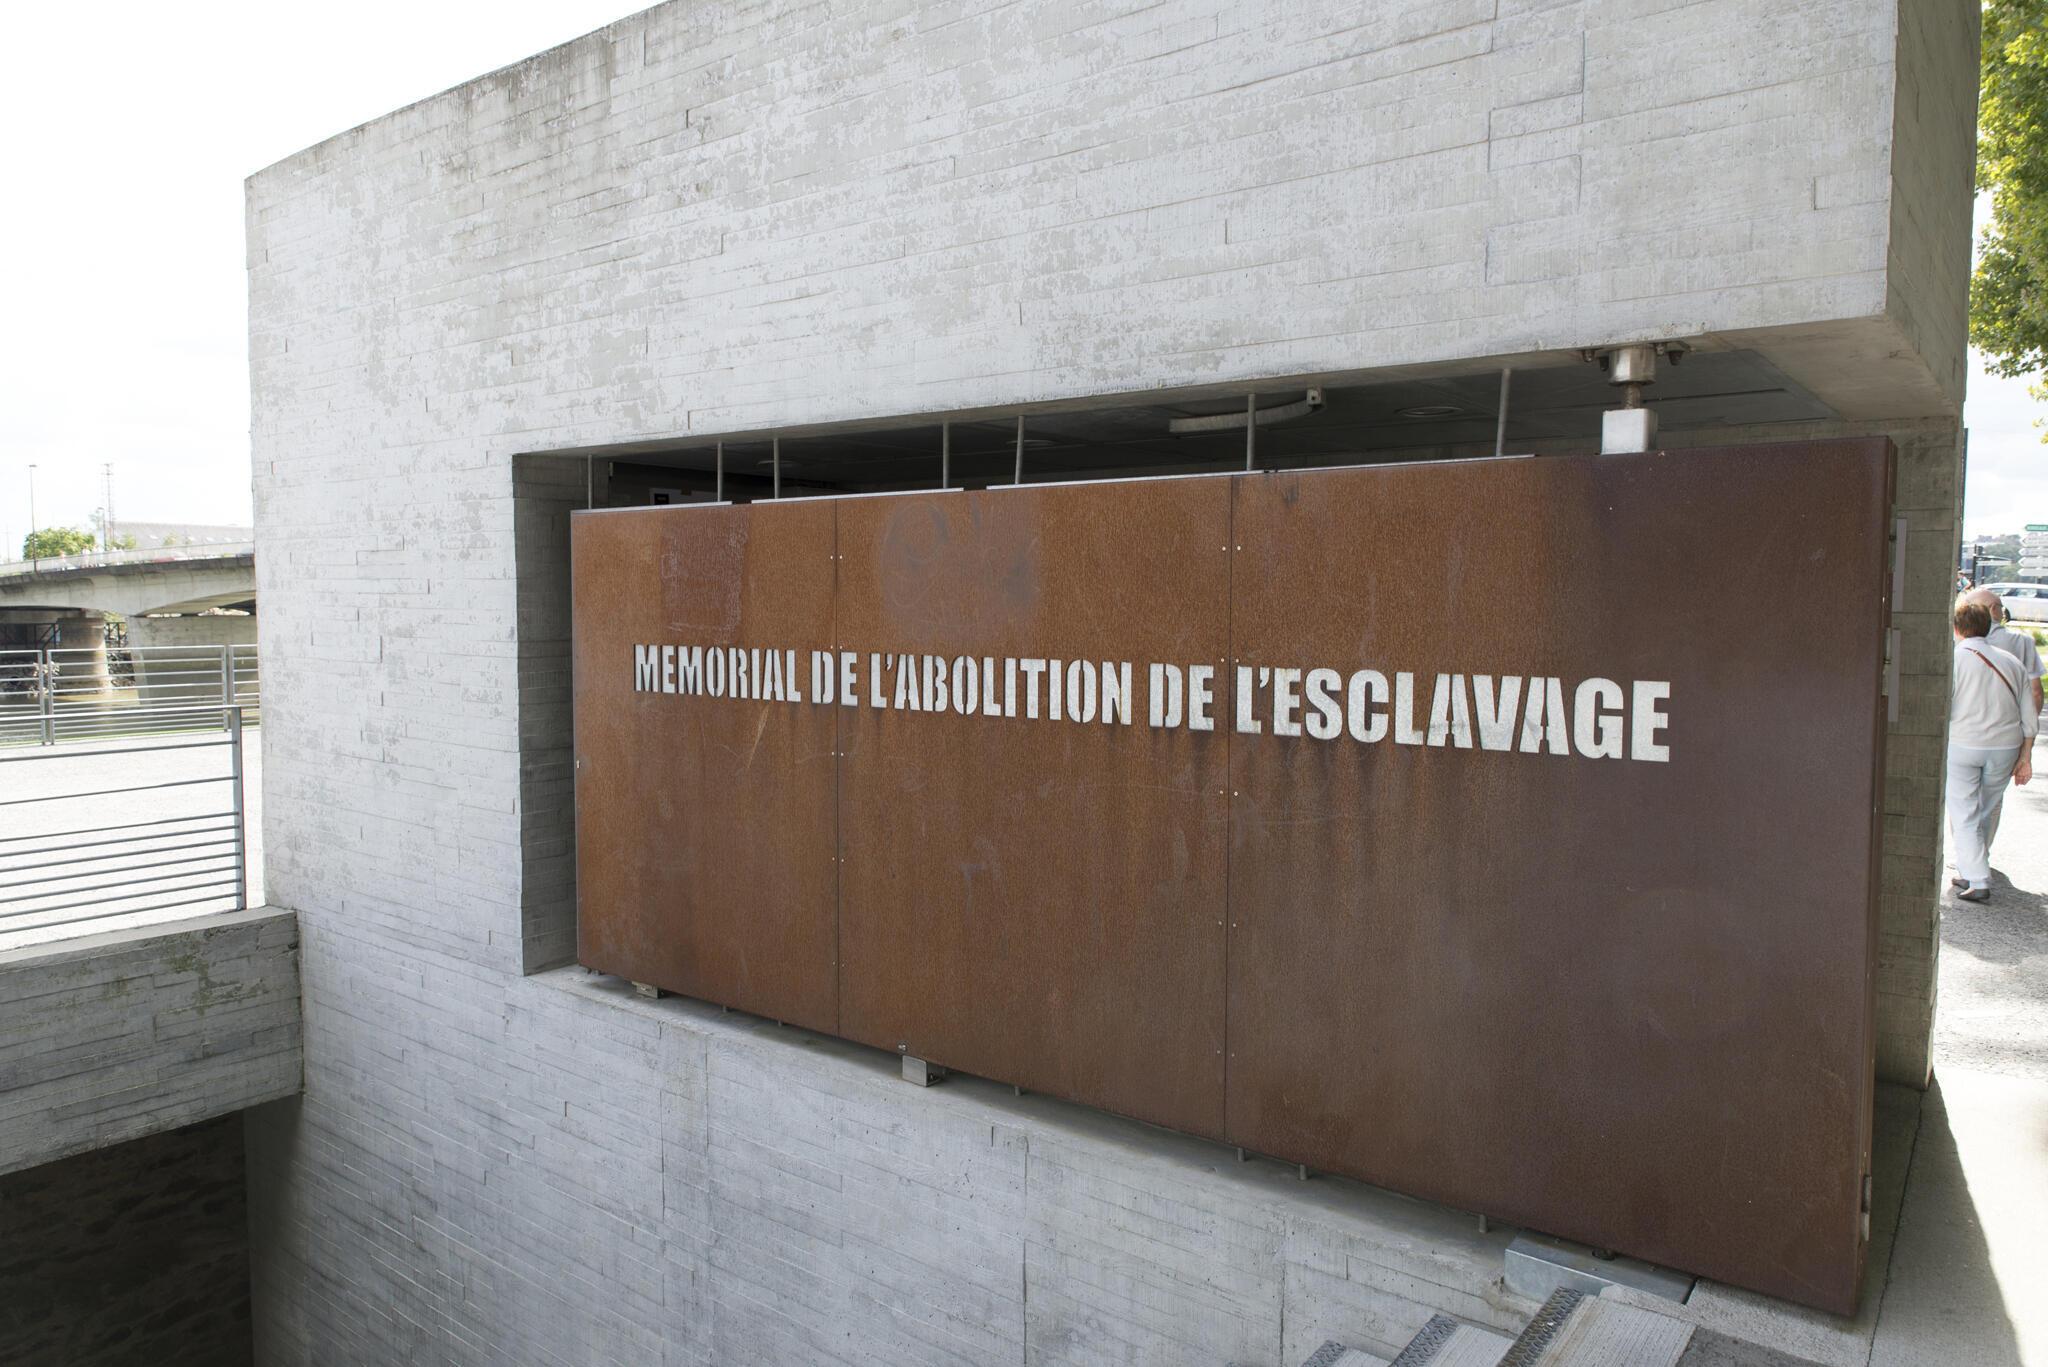 Le mémorial de l'abolition de l'esclavage, à Nantes.